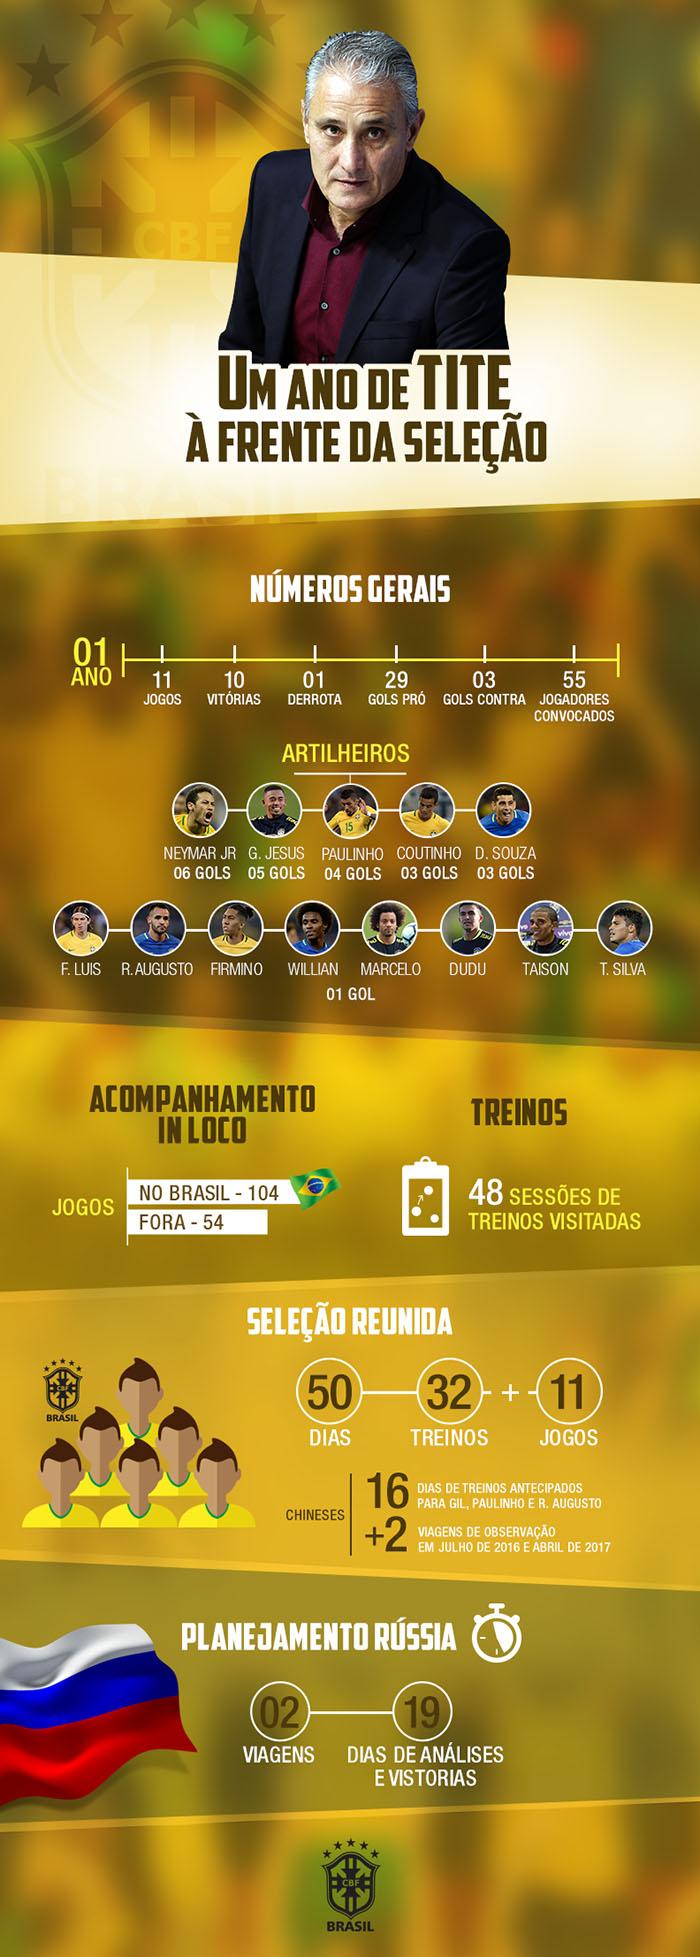 Infográfico Tite um ano de seleção Brasileira